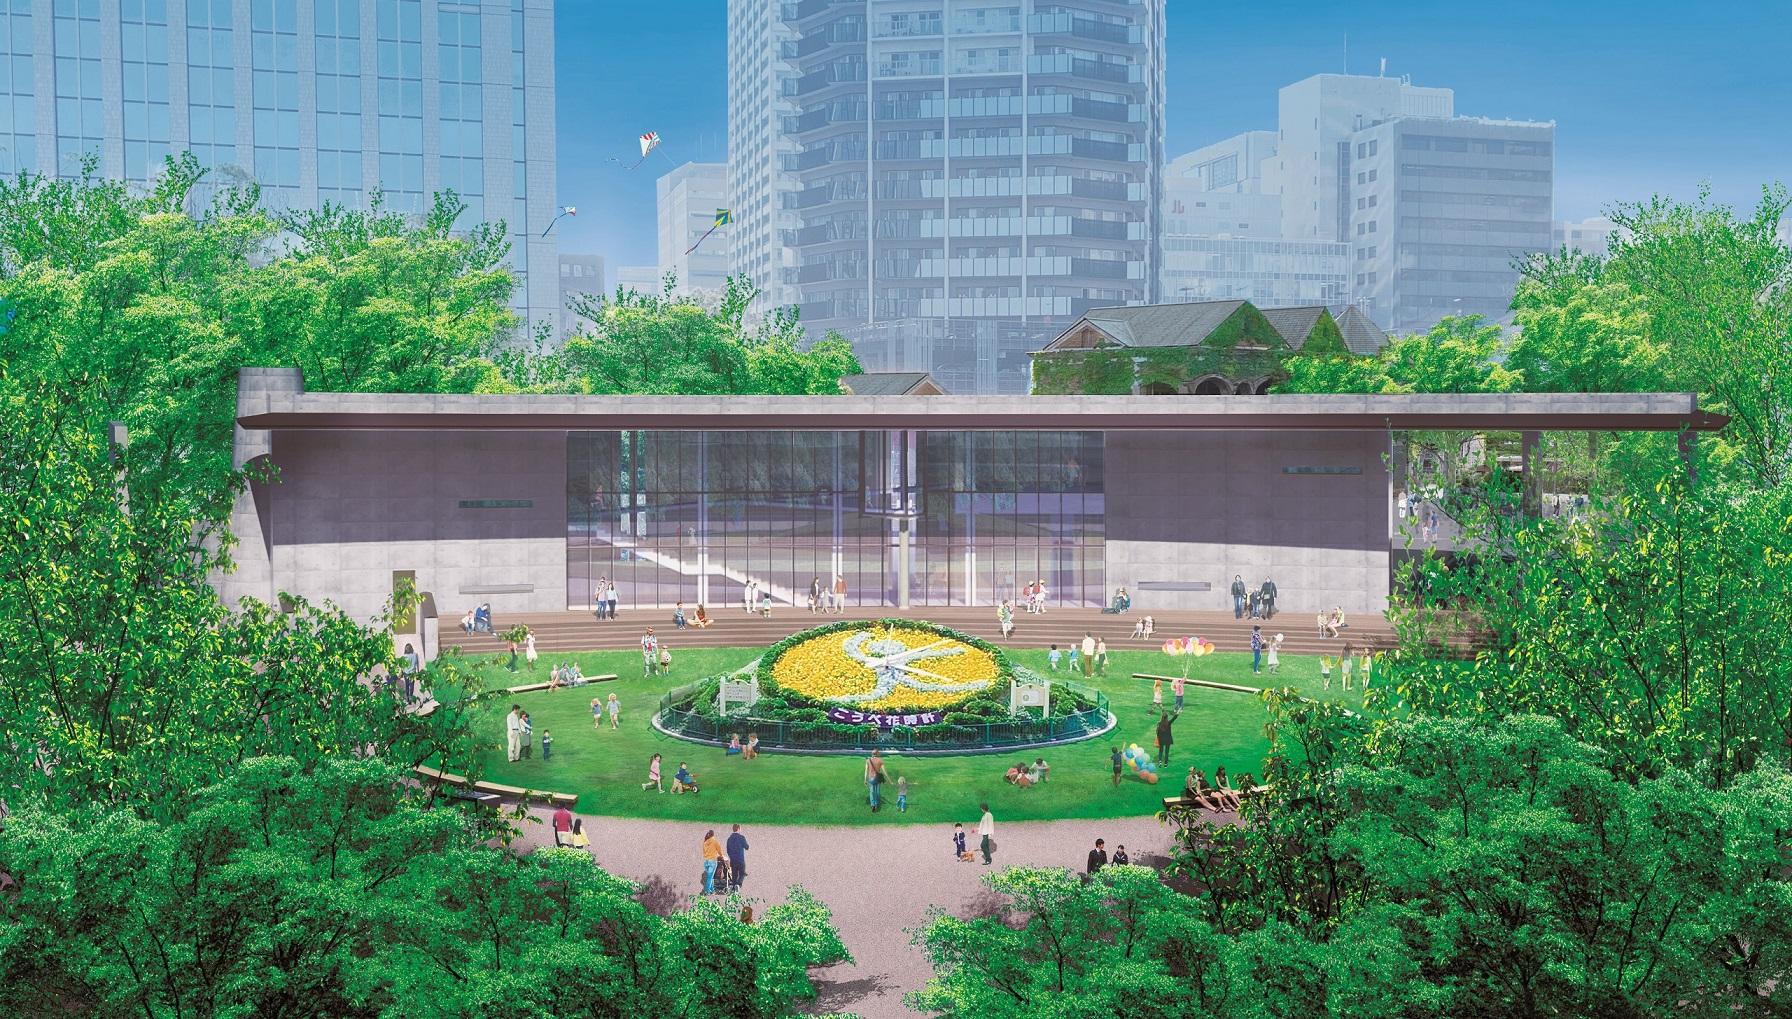 ヌも図書館(神戸).jpg (1.56 MB)